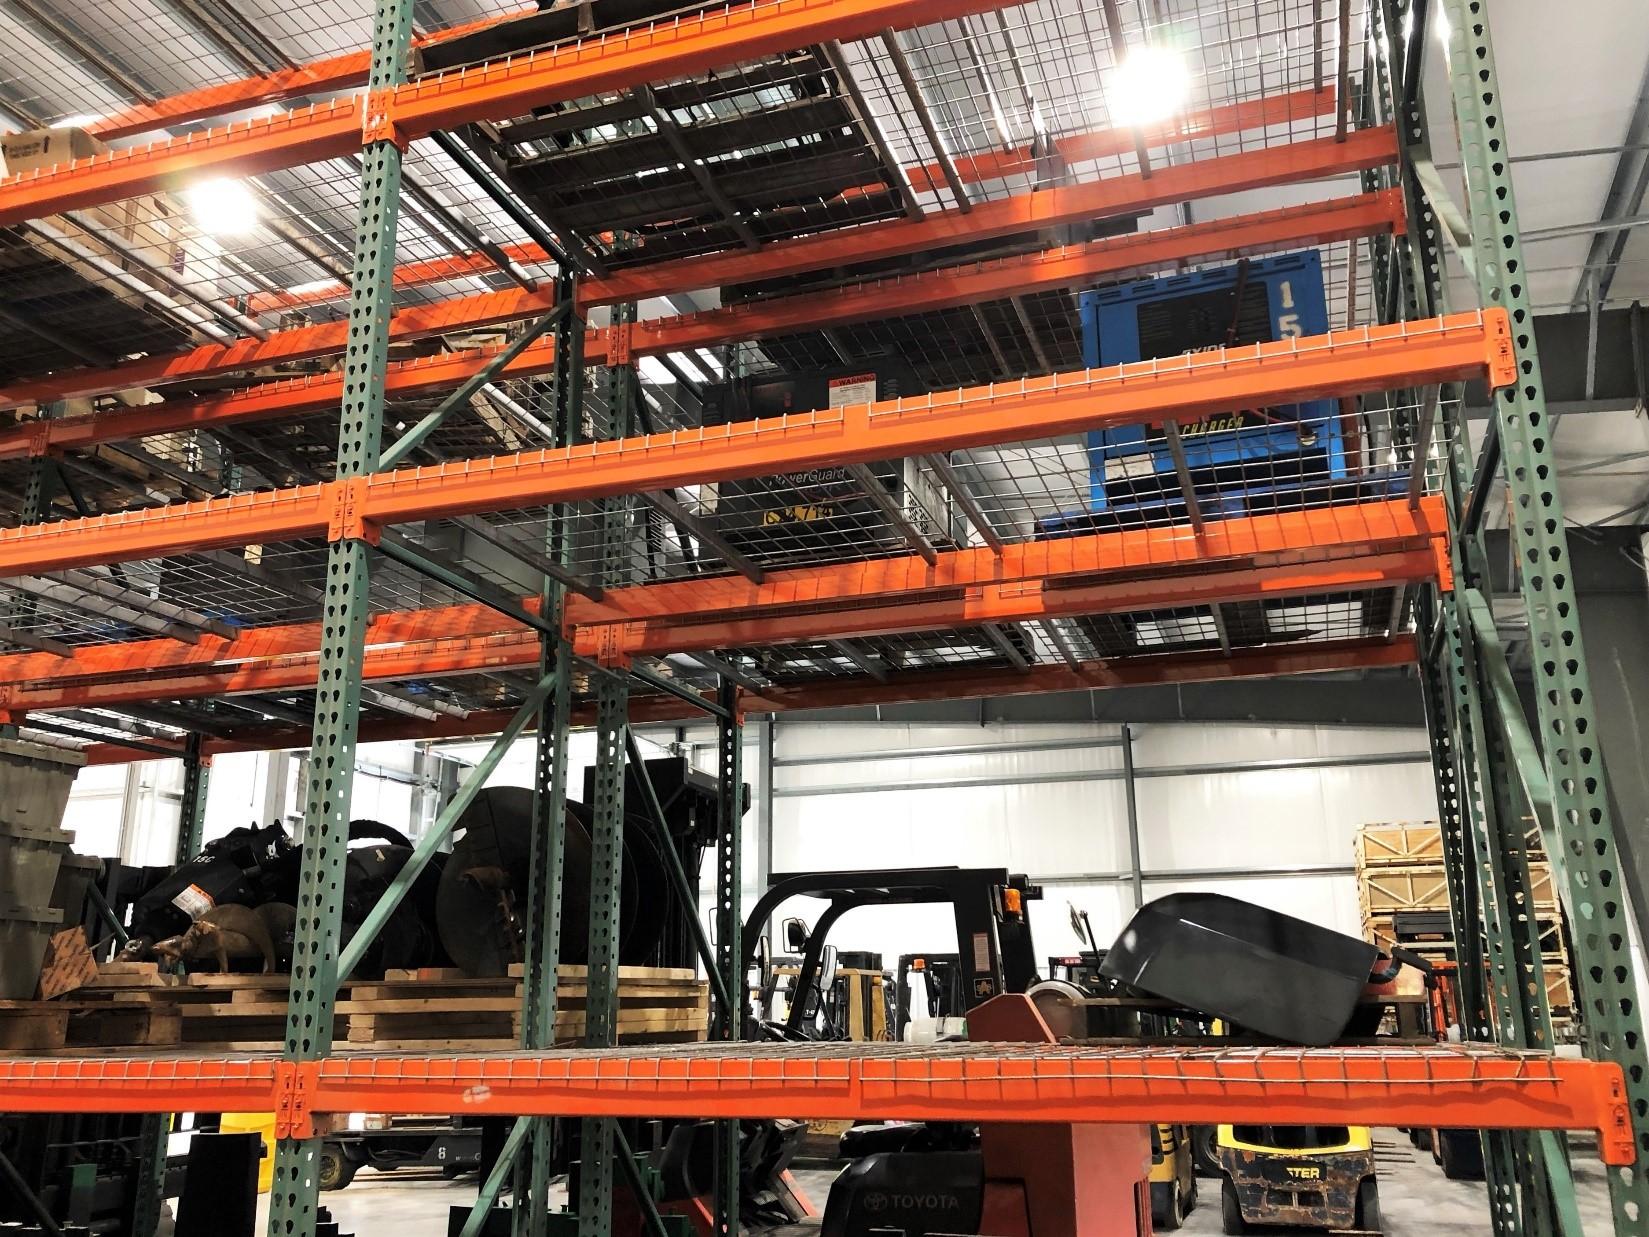 Sam's mechanical pallet racks